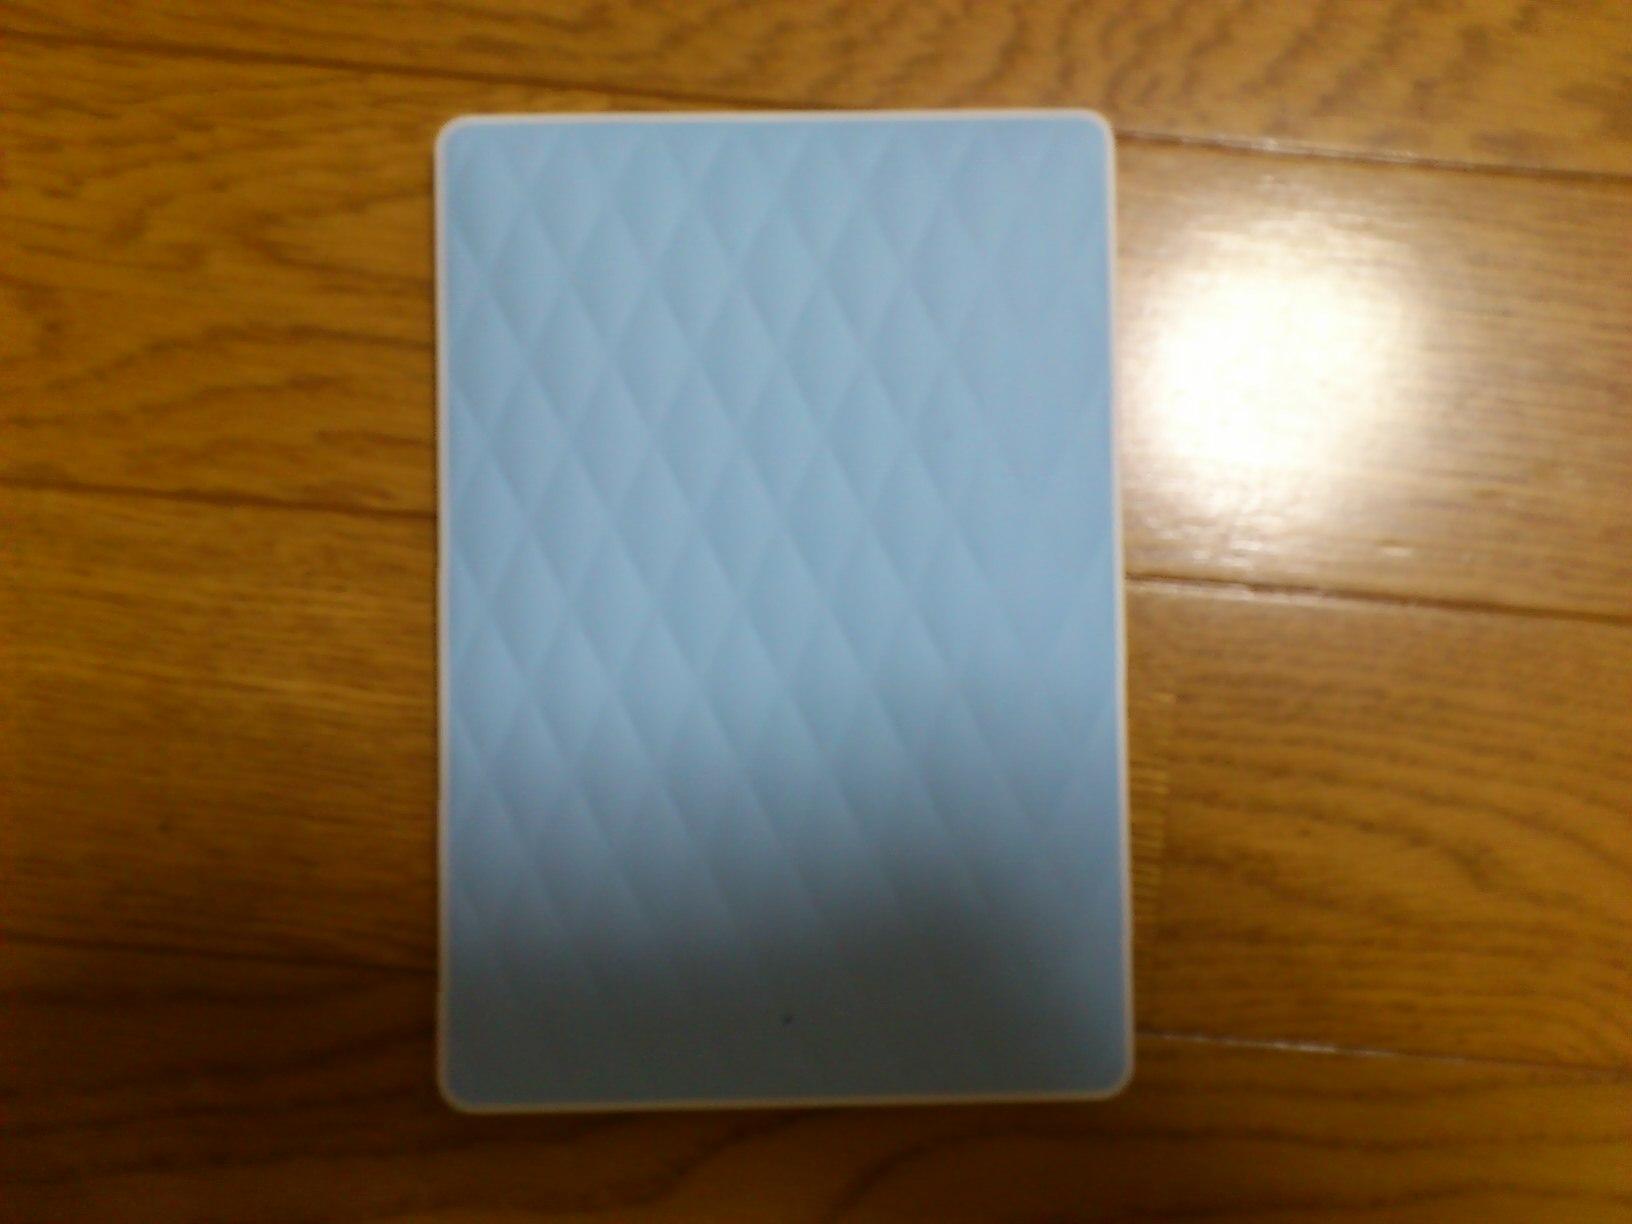 kobo_touch3_20120721125402.jpg